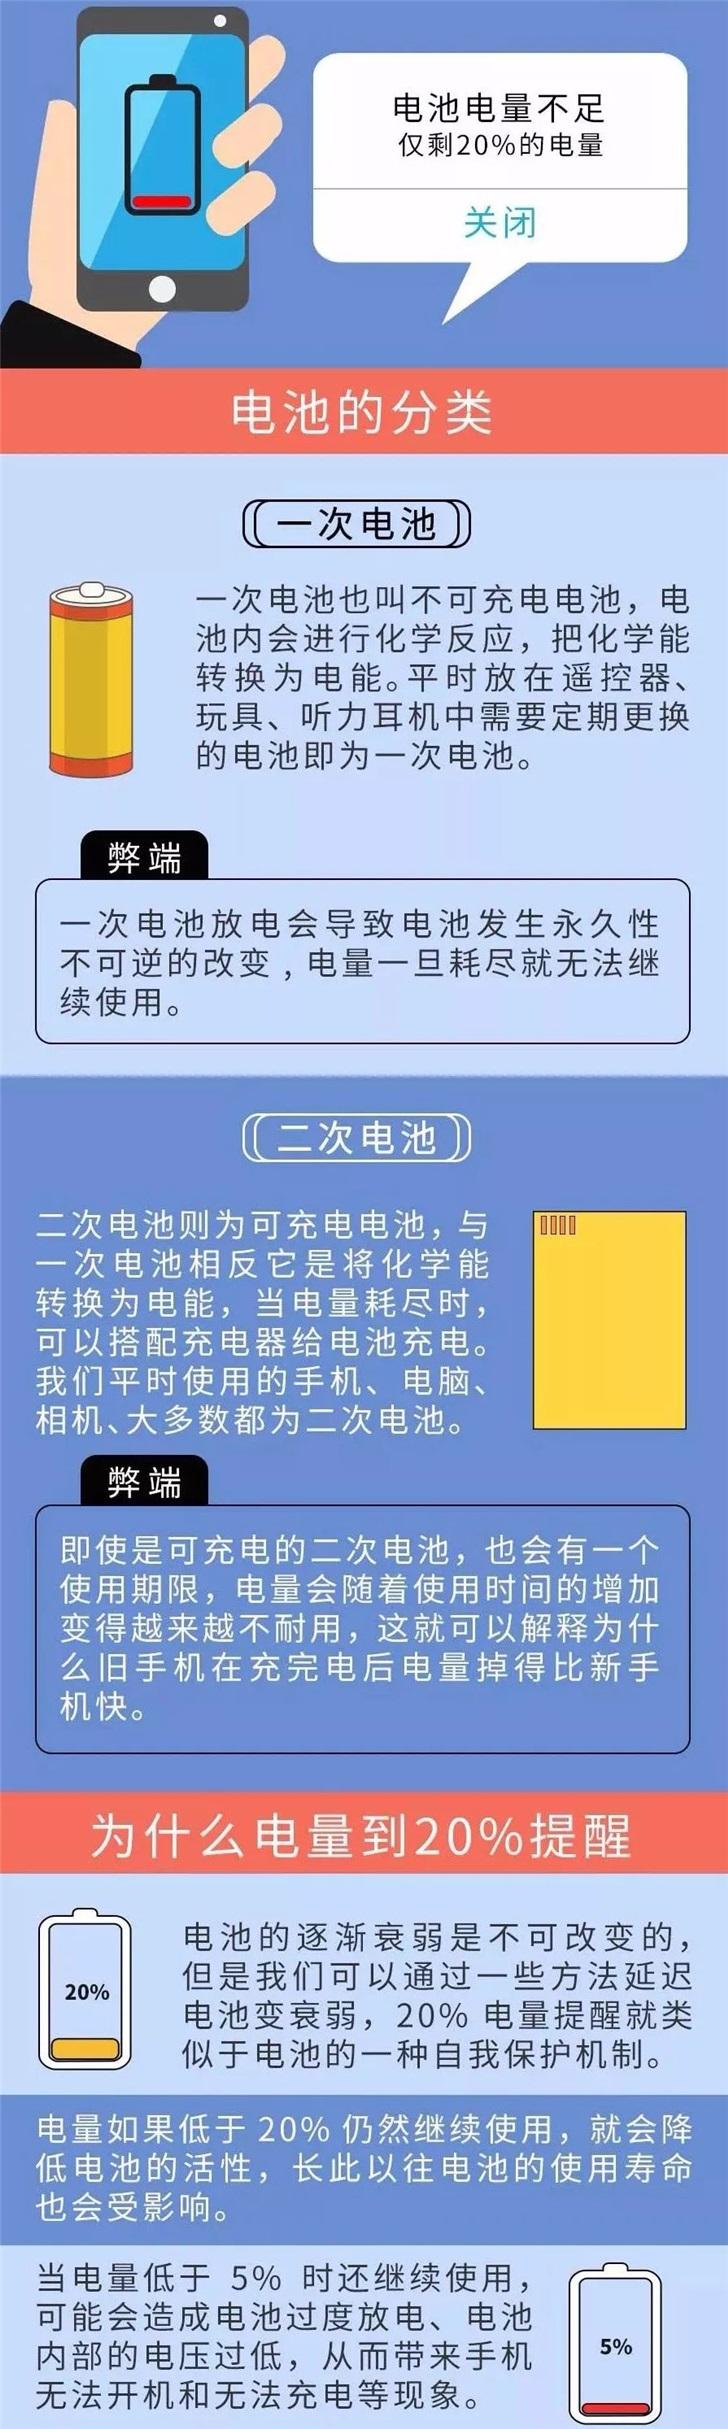 http://www.qwican.com/shumakeji/2589544.html